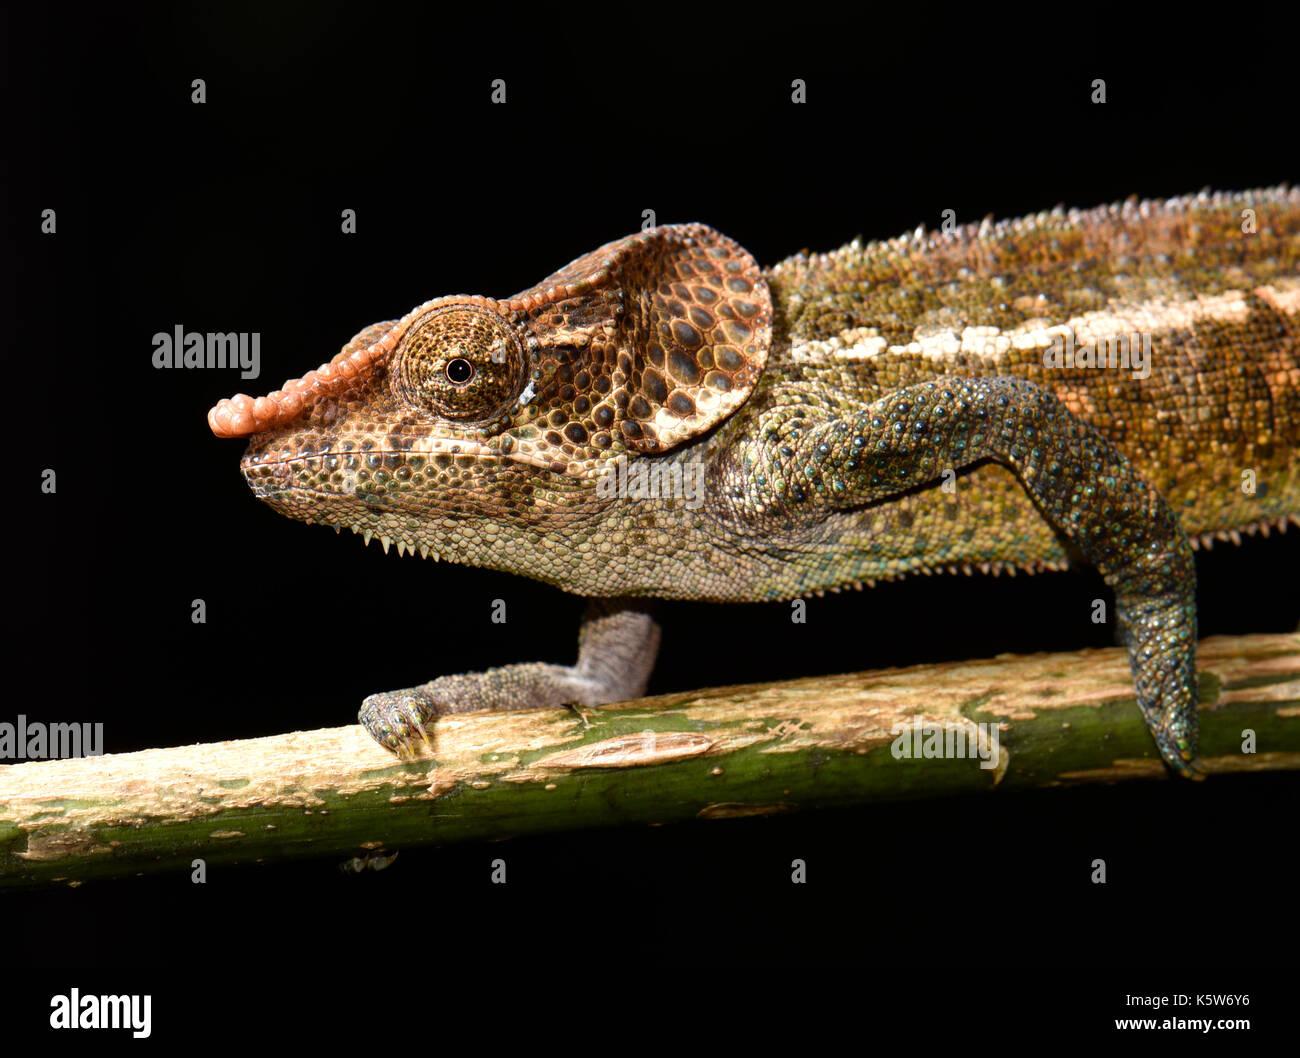 Shorthorn chameleon (Calumma crypticum), male on branch, rainforests, Ranomafana National Park, Madagascar - Stock Image